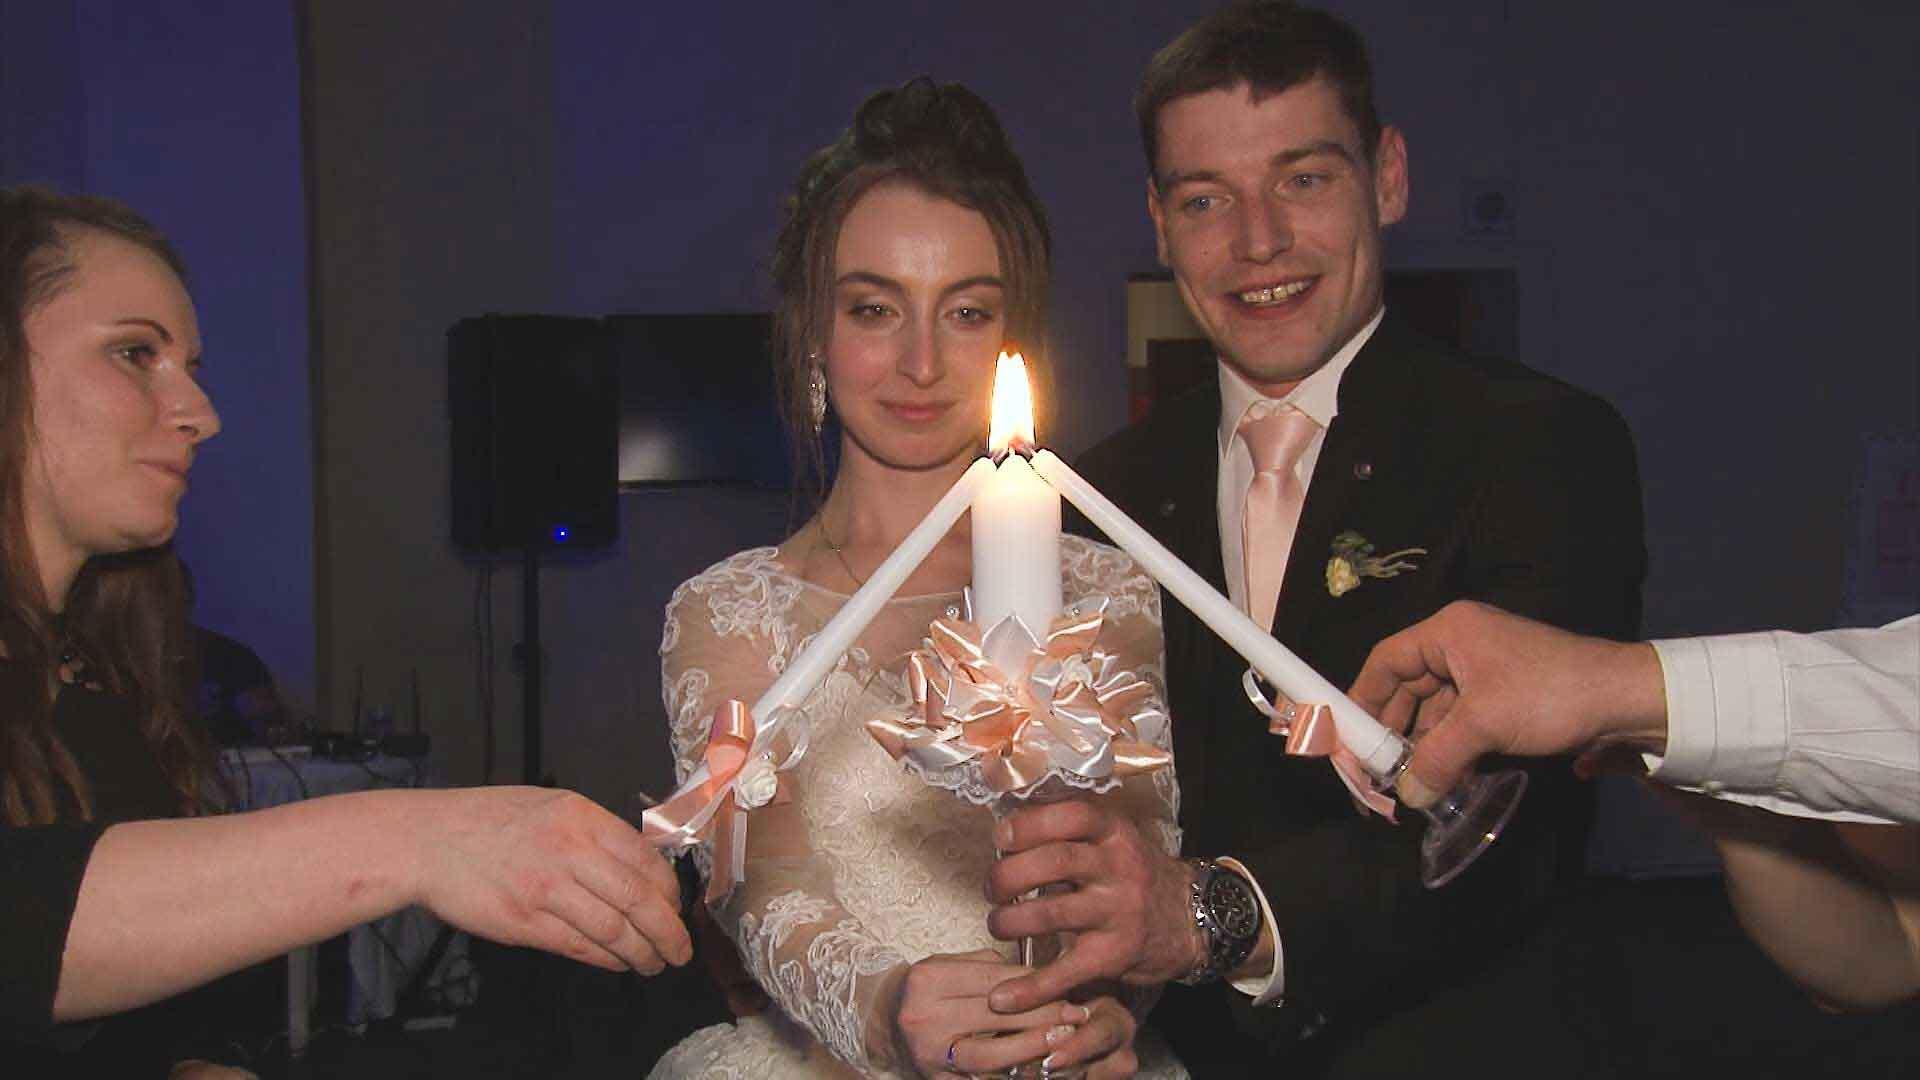 видеооператор на свадьбу, видеосъемка свадьбы, видеограф на свадьбу, свадебная видеосъемка